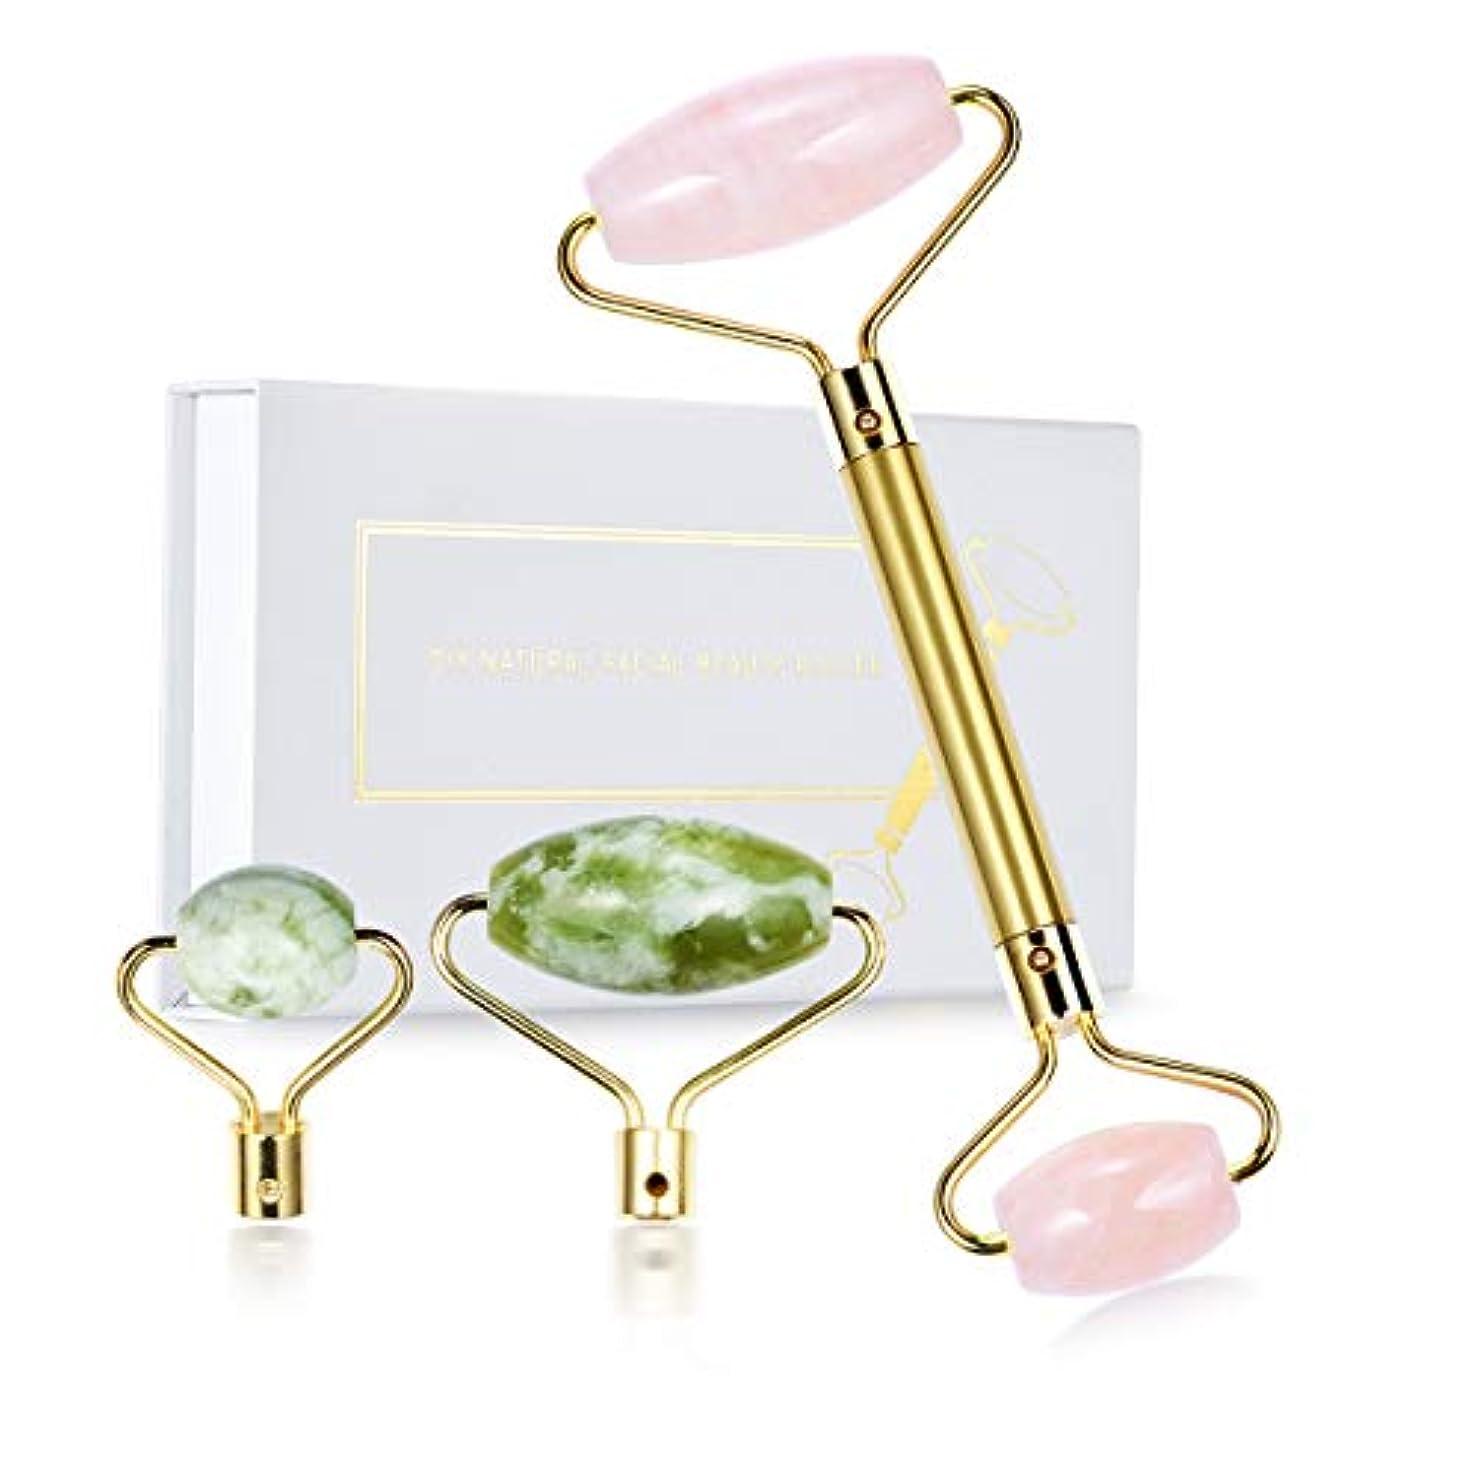 ミリメートル故意に民間Echo & Kern DIY組み立てローズクォーツフェイスマッサジローラー& グリーンアベンチュリンの美顔ローラーフェイスローラー 4-in-1 Natural Rose Quartz & Jade Roller Set...